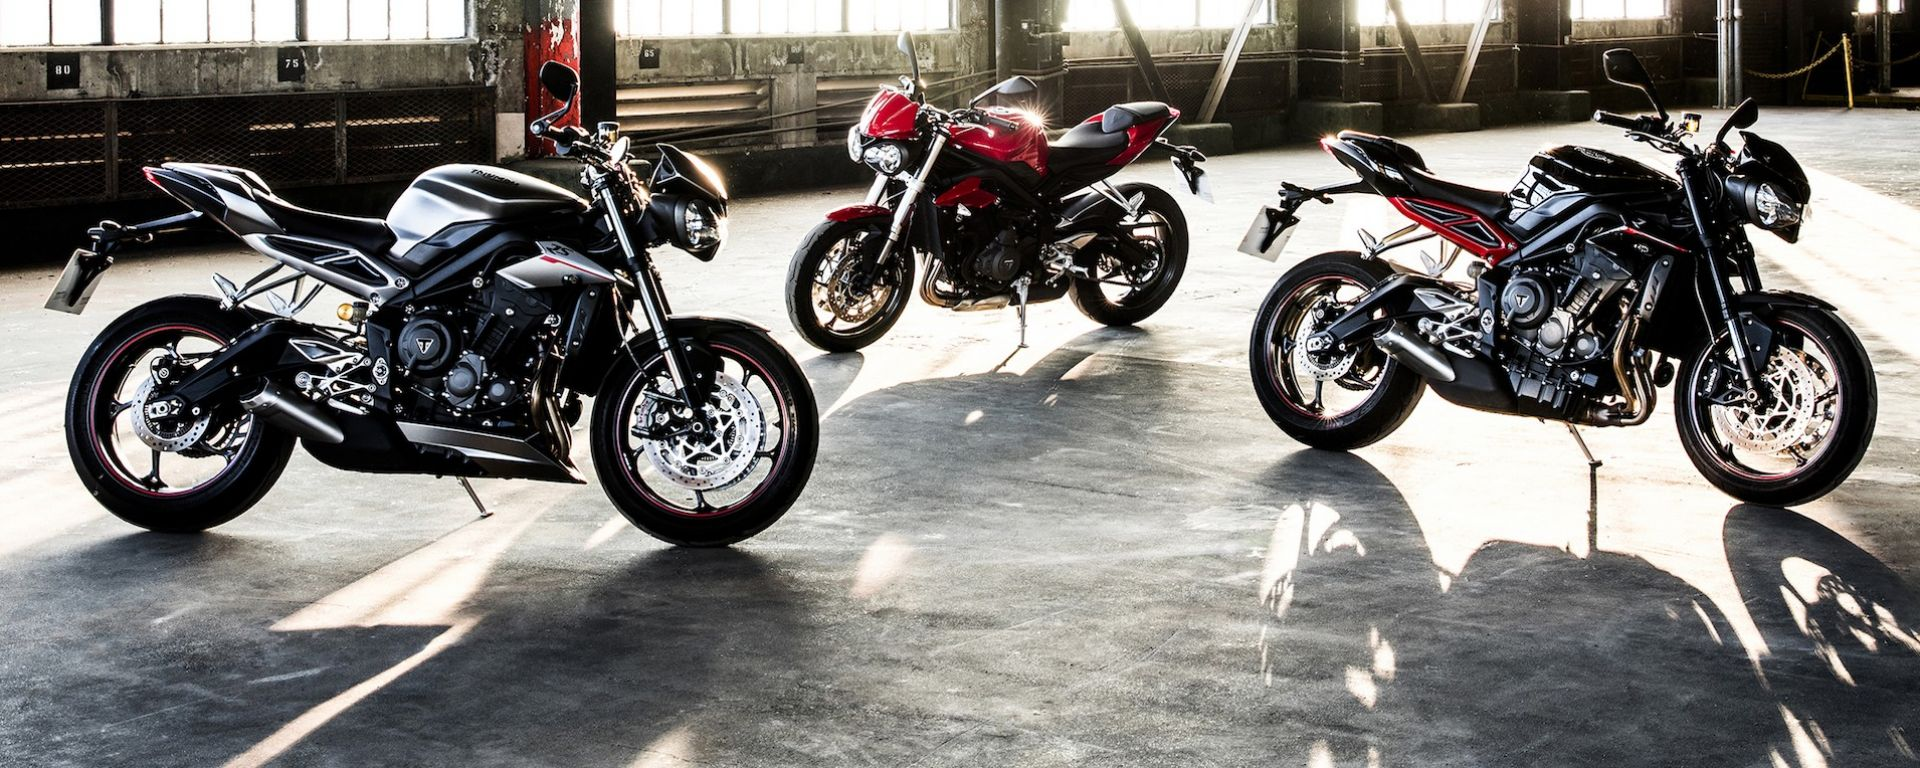 Nuove Triumph Street Triple S, R, ed RS: foto e info ufficiali